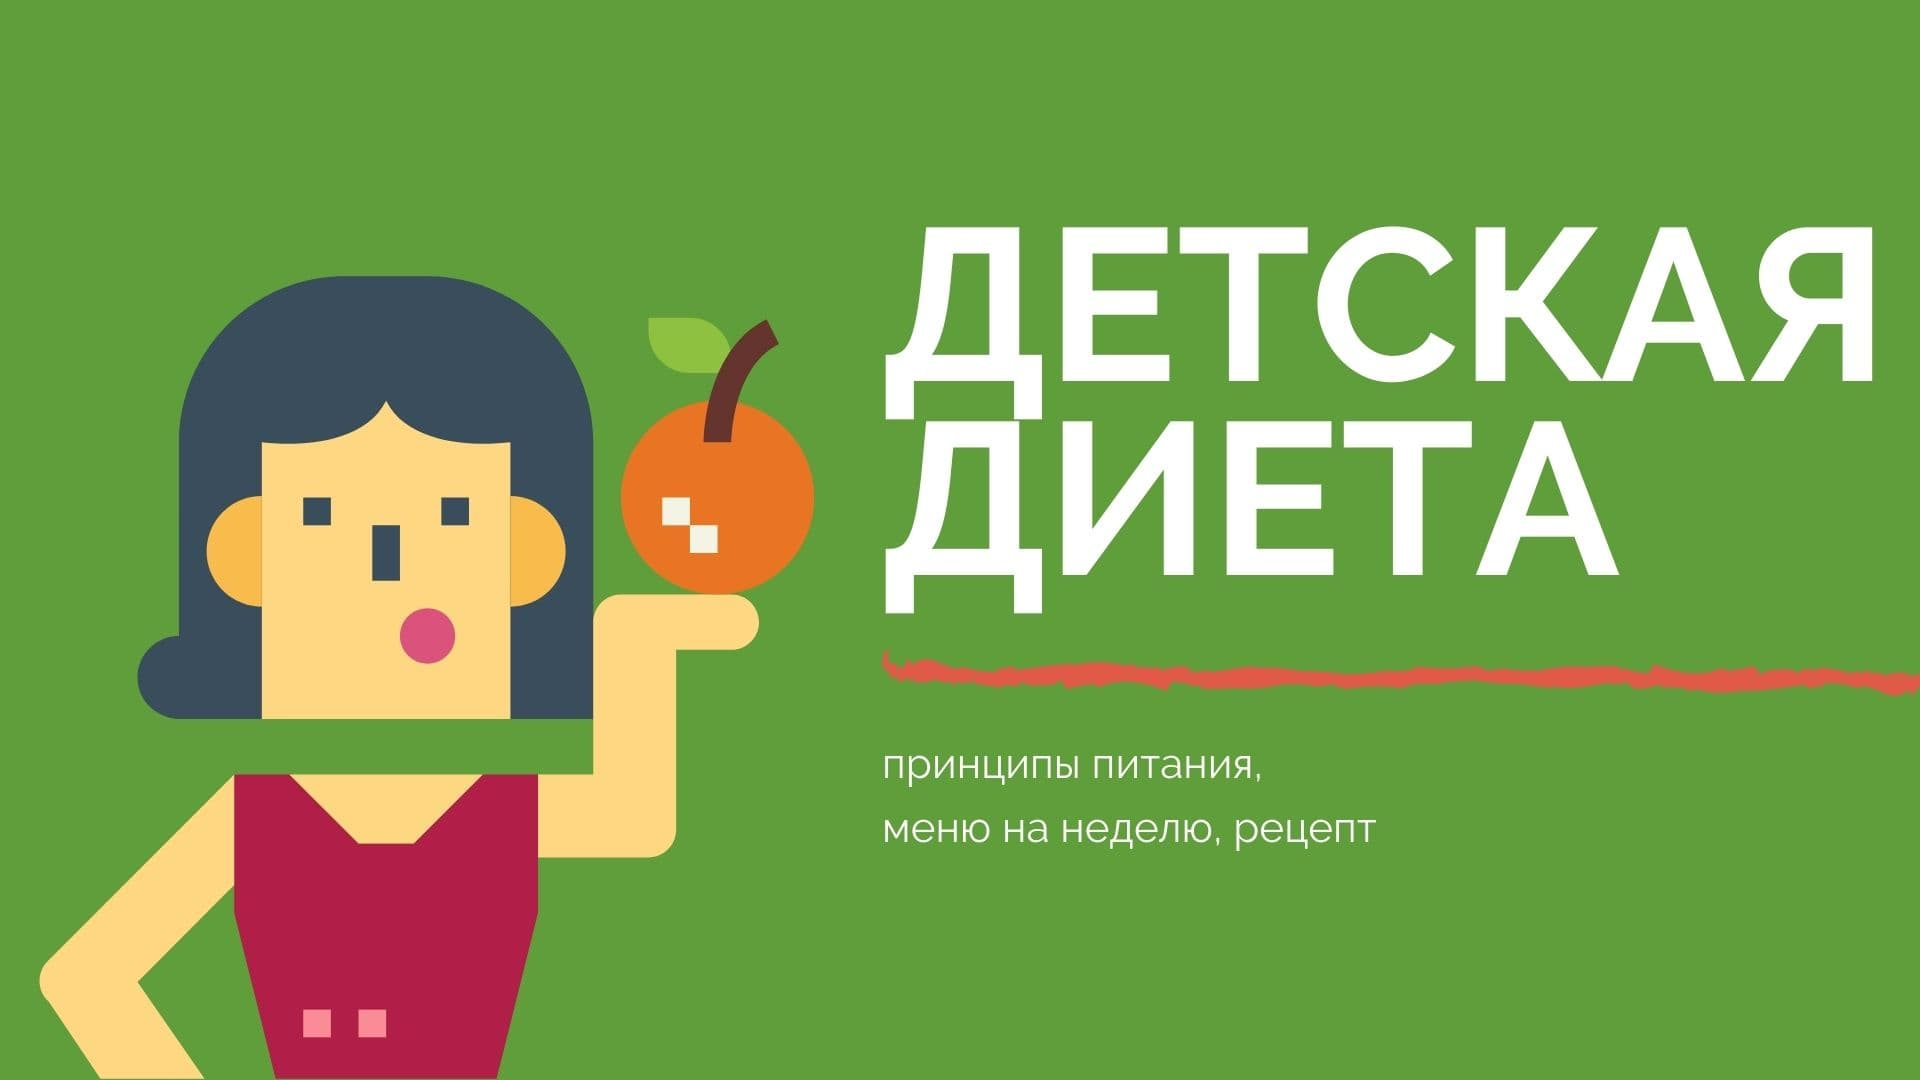 Детская диета: принципы питания, меню на неделю, рецепт